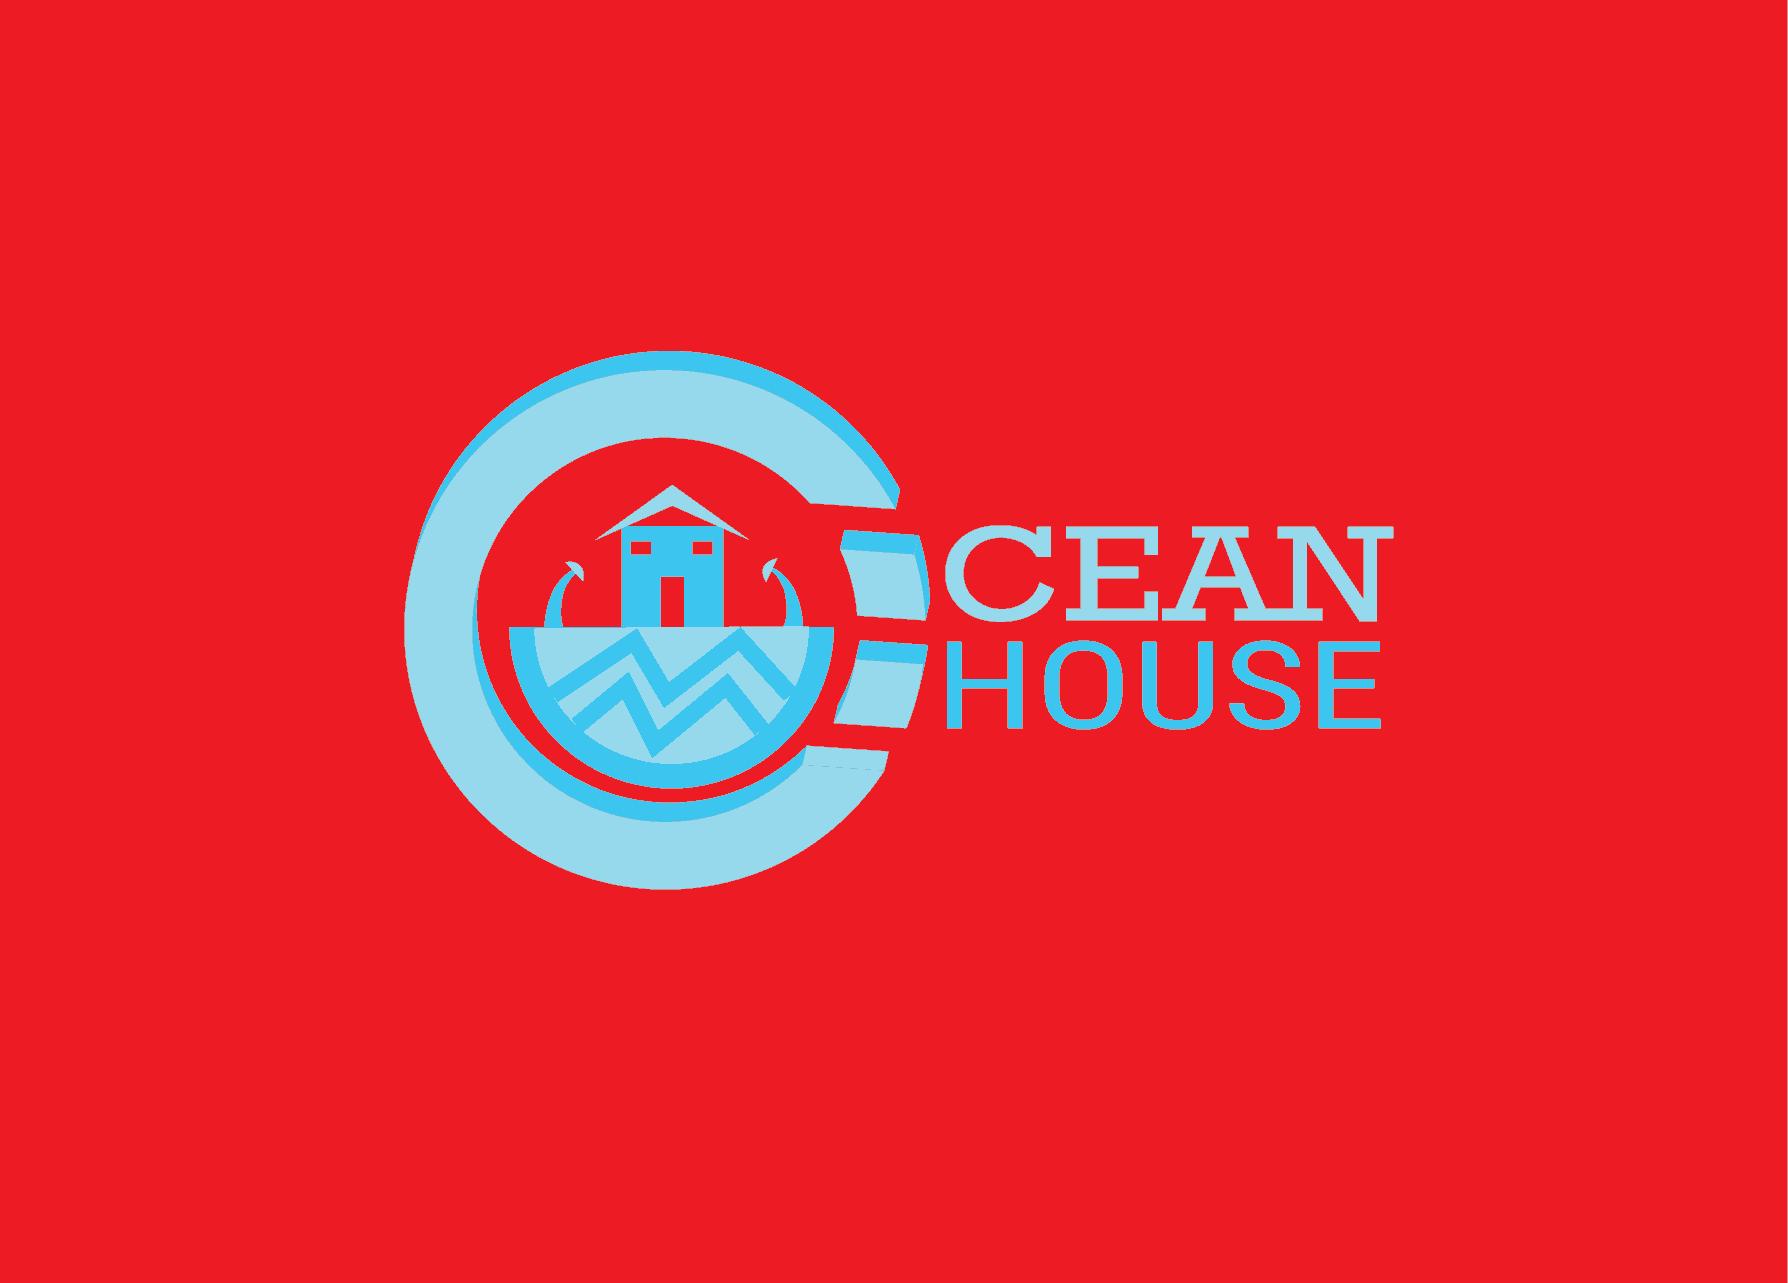 abstract Ocean House logo design